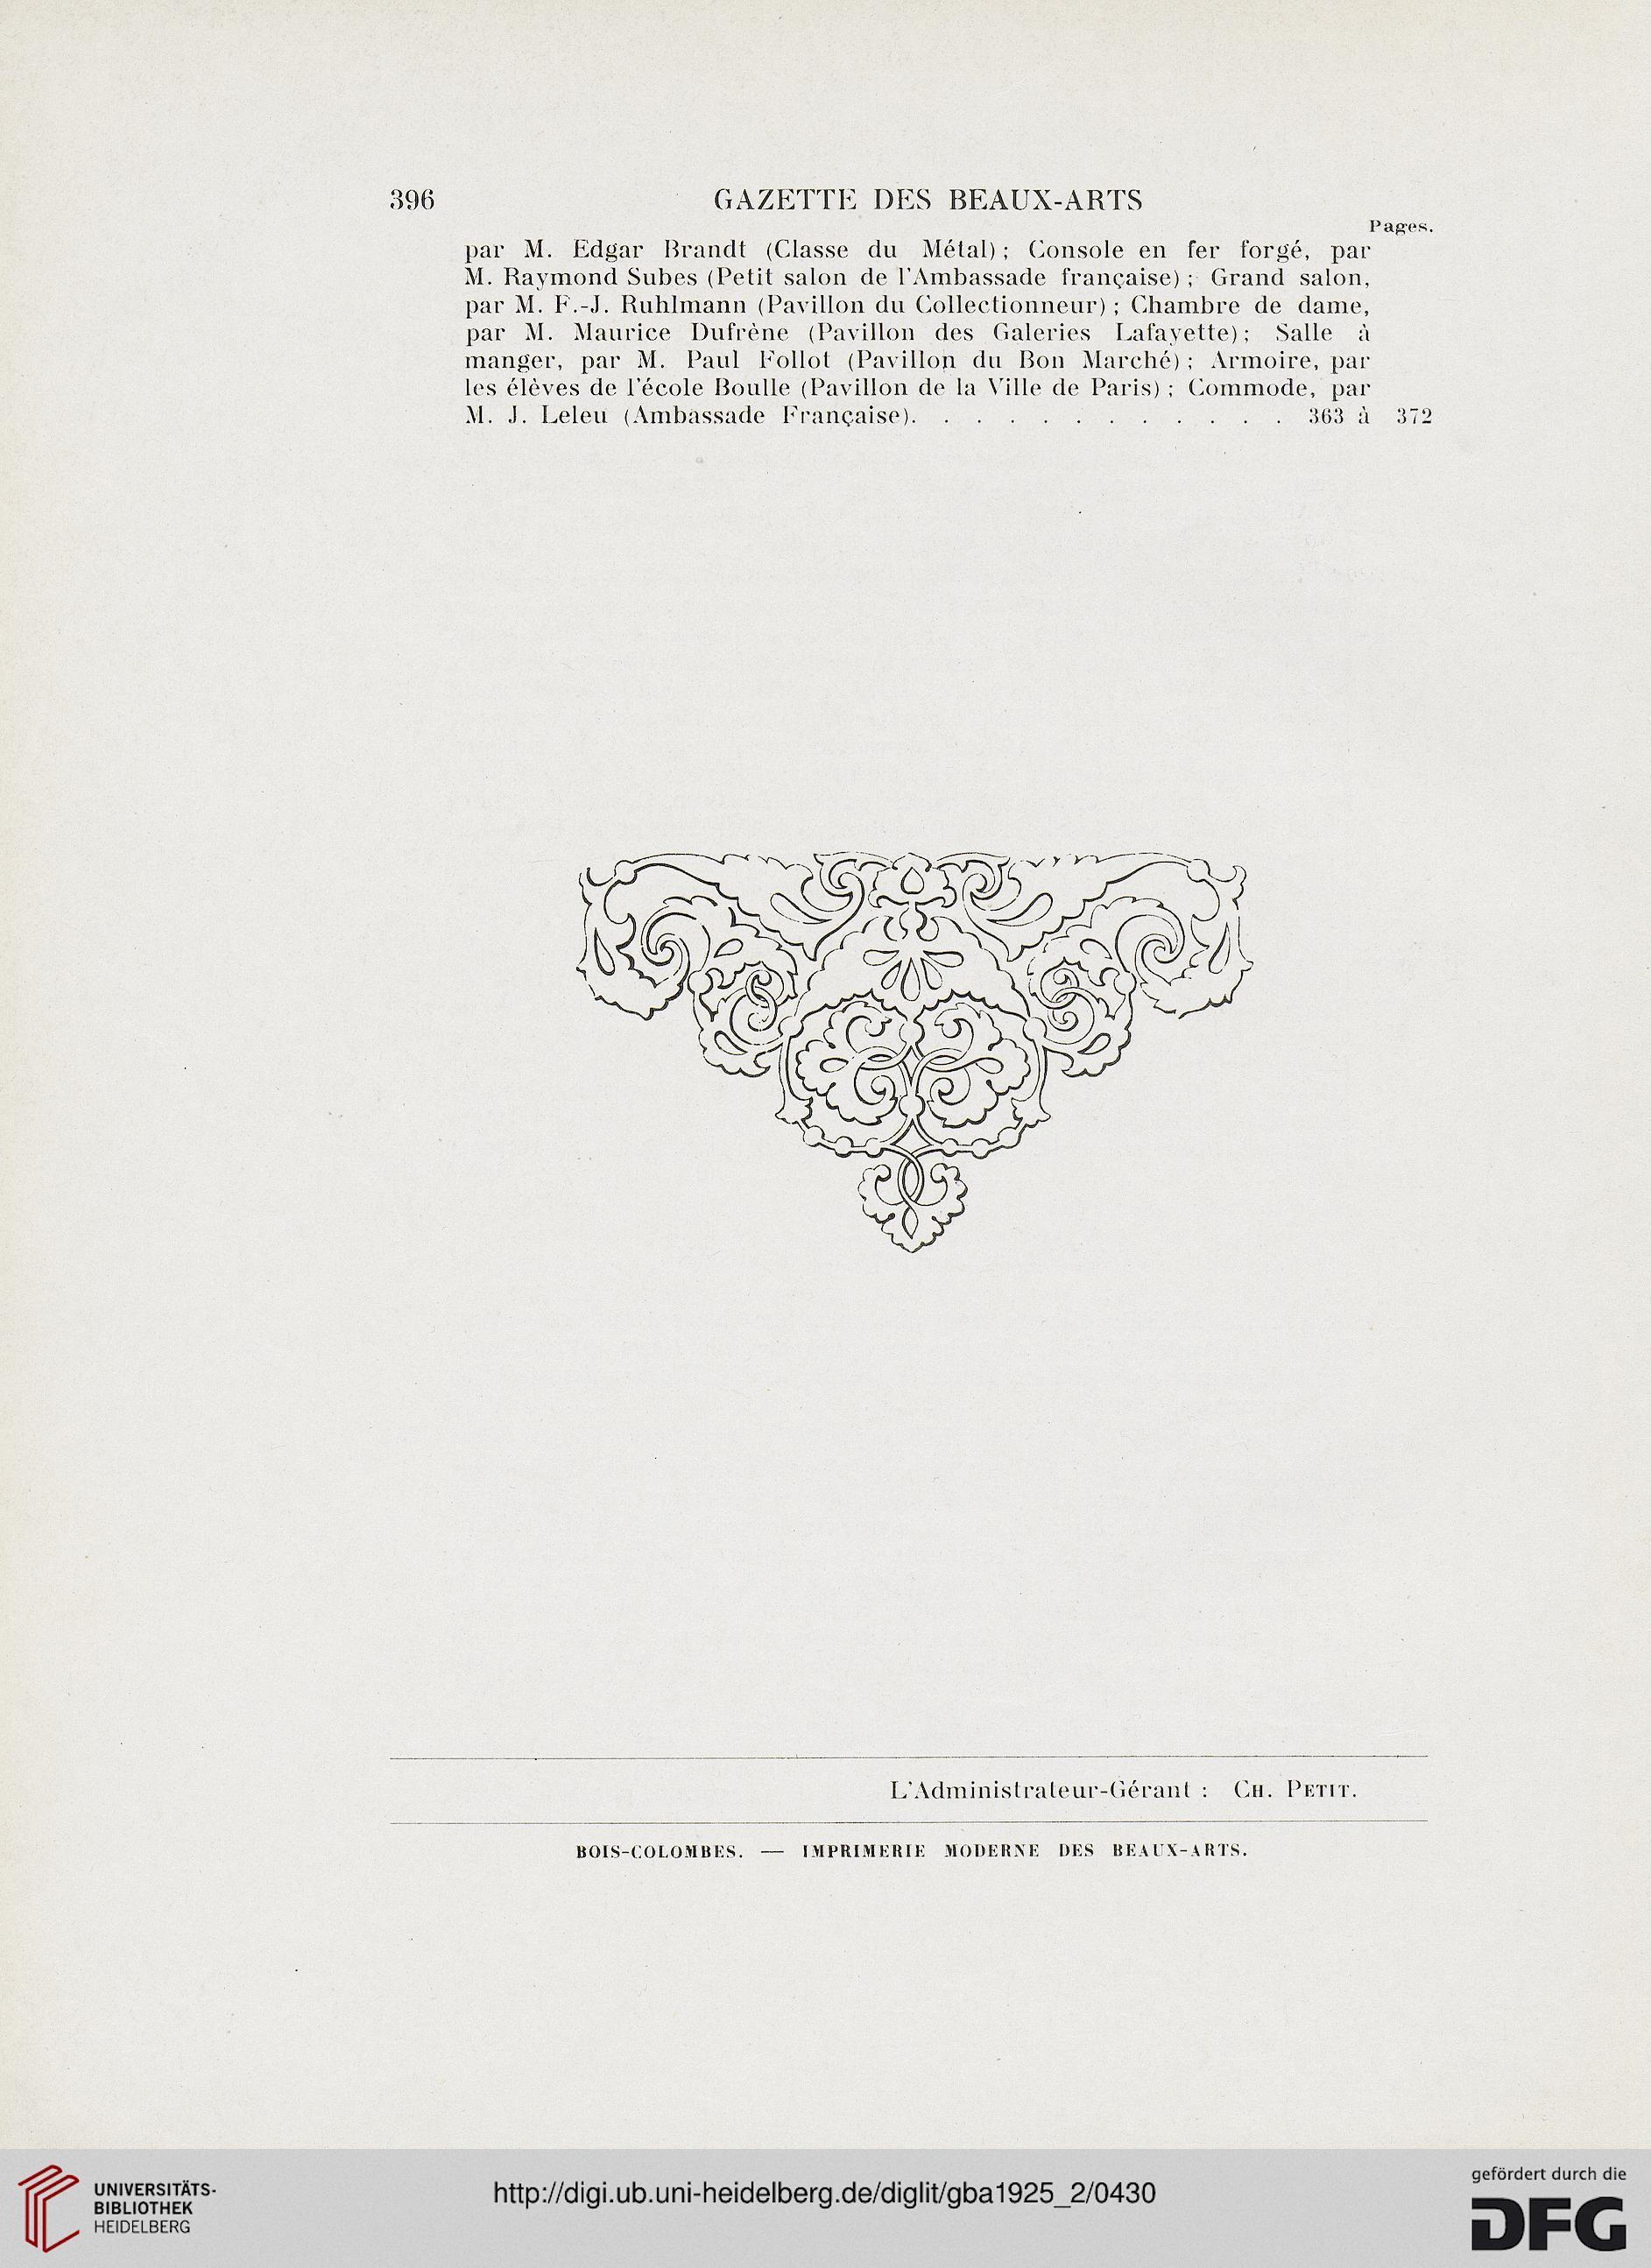 Imprimerie Bois Colombes - Gazette des beaux arts la doyenne des revues d'art (5 Pér 12 1925)